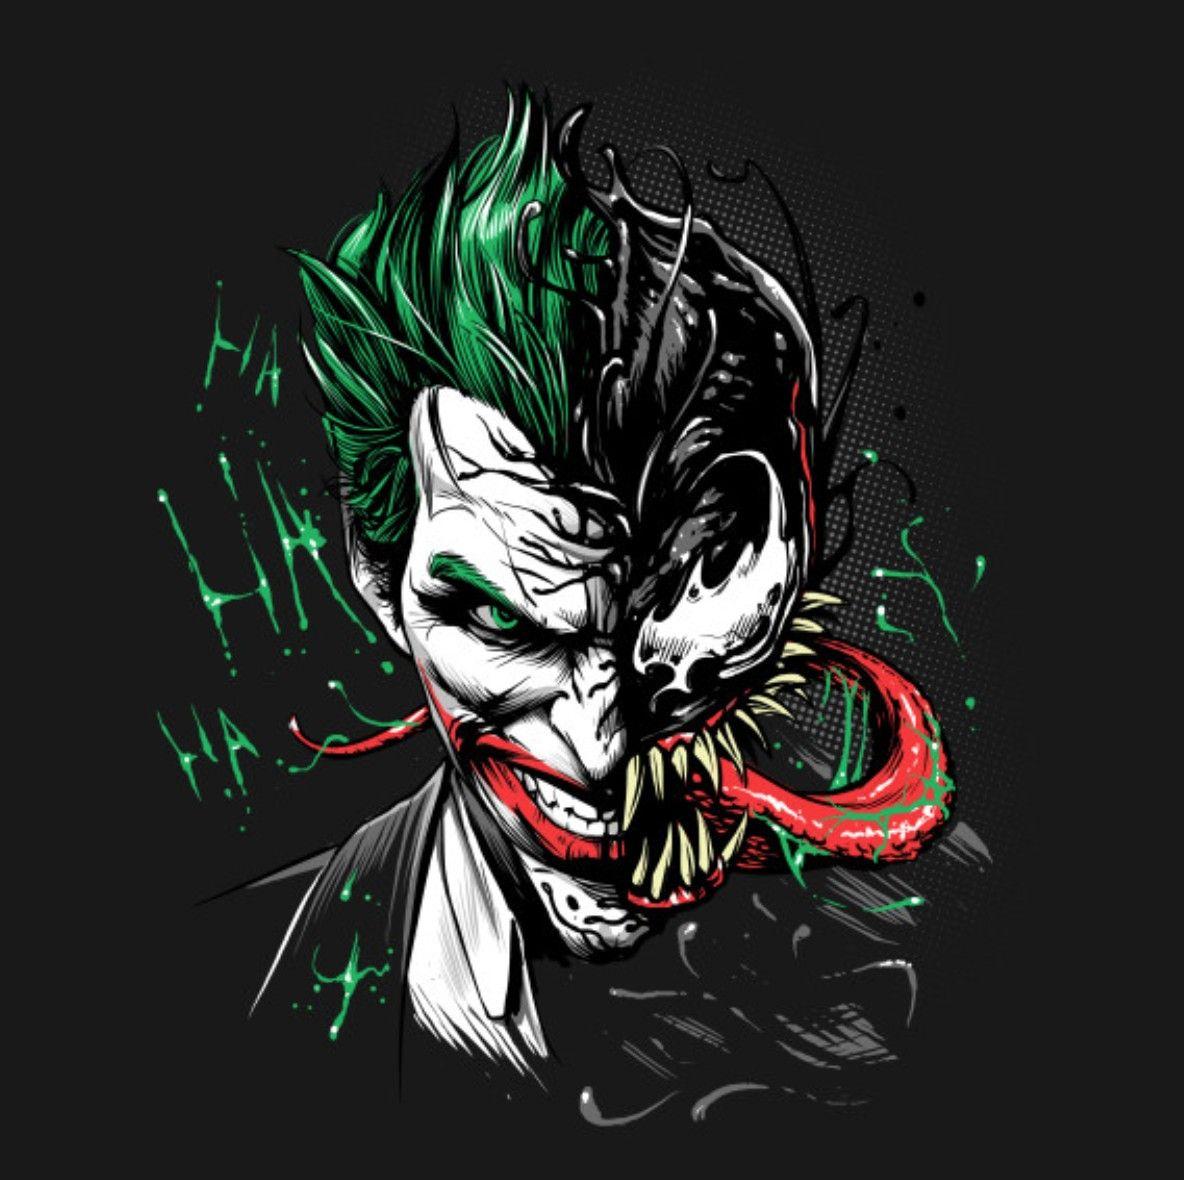 The Joker Venom Desenhos Do Coringa Arte Do Palhaco Loja De